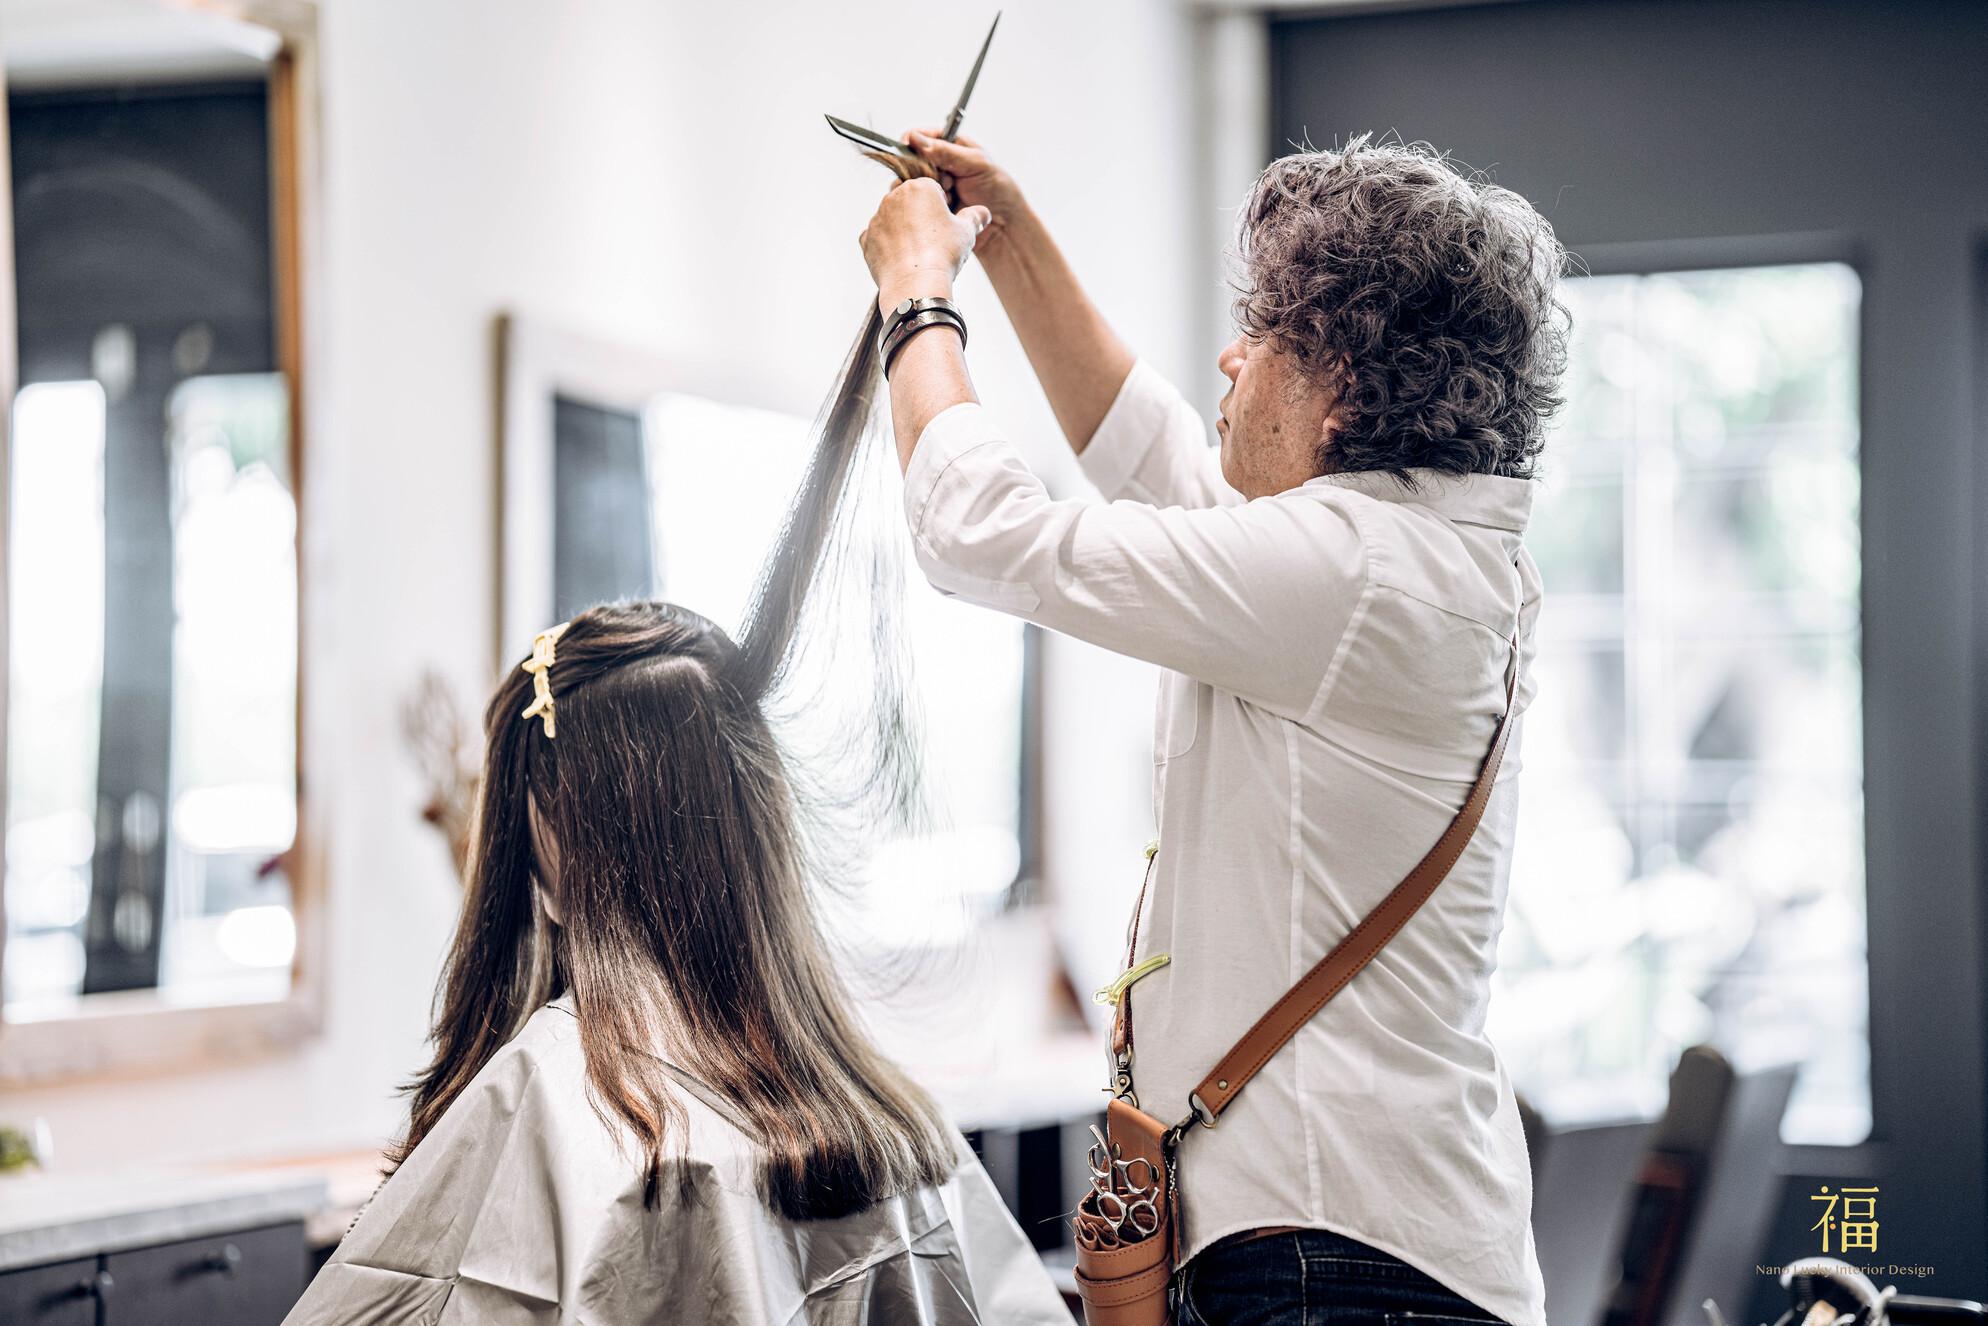 12嘉義太保日系髮廊lislushairsalonstory-日本美髮師|小福砌商業美髮沙龍空間設計